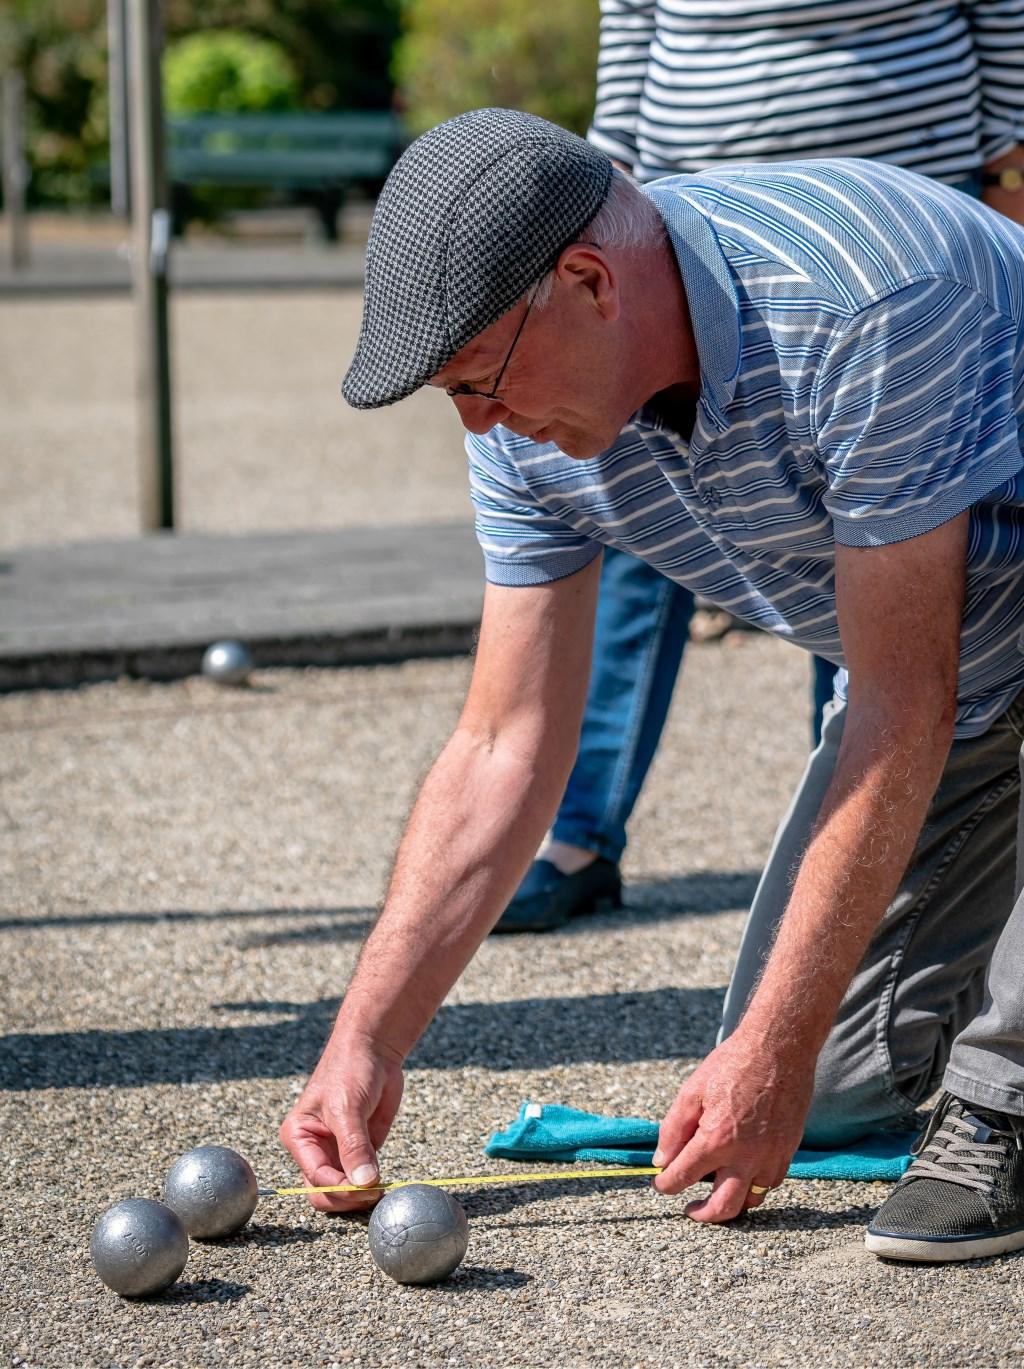 Meting tijdens een jeu de boules wedstrijd  © Persgroep